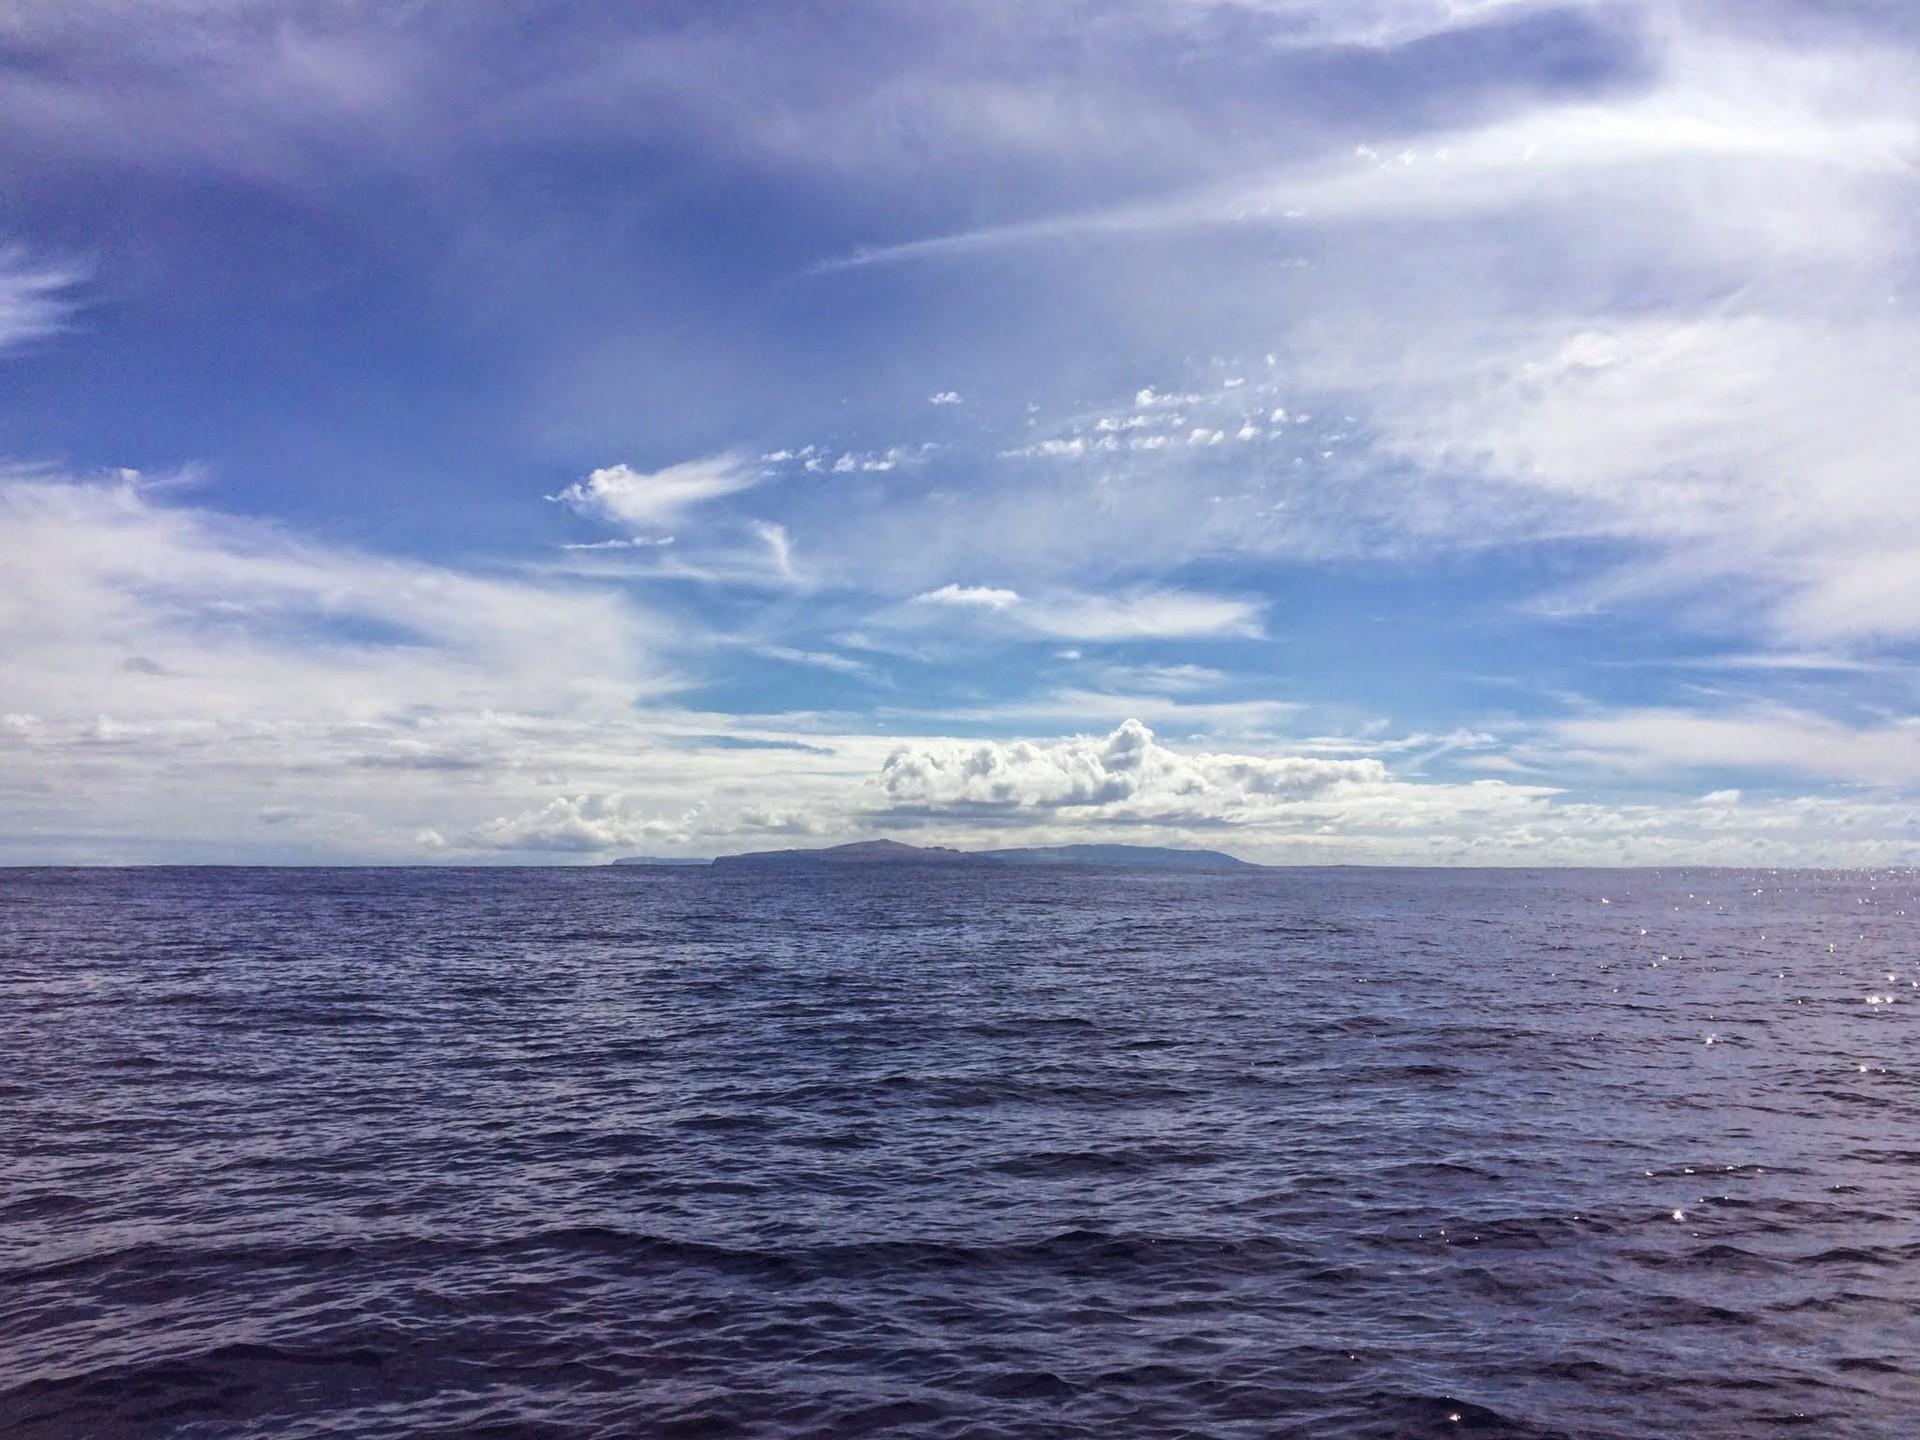 Путешествие на остров Пасхи. Экспедиция «Сибирь — Полинезия» - 18